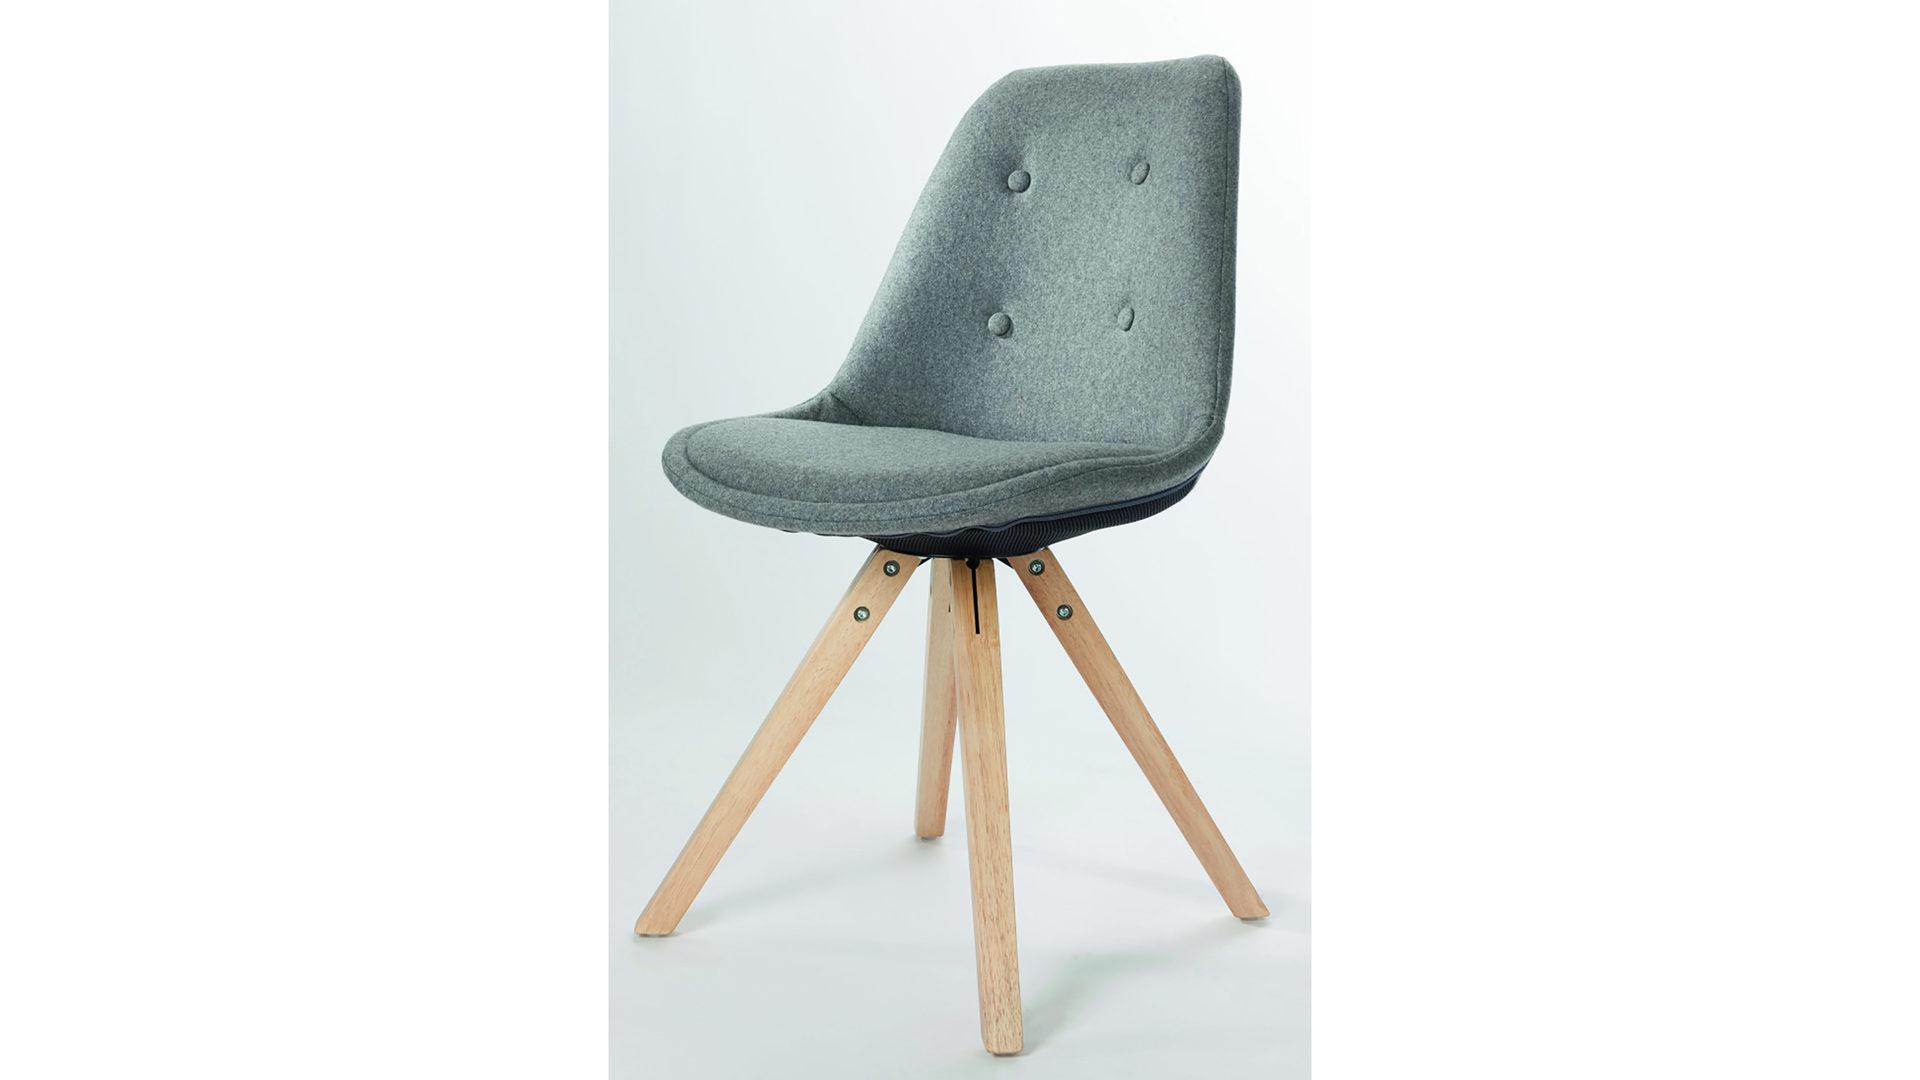 wohnland breitwieser | möbel a-z | stühle + bänke